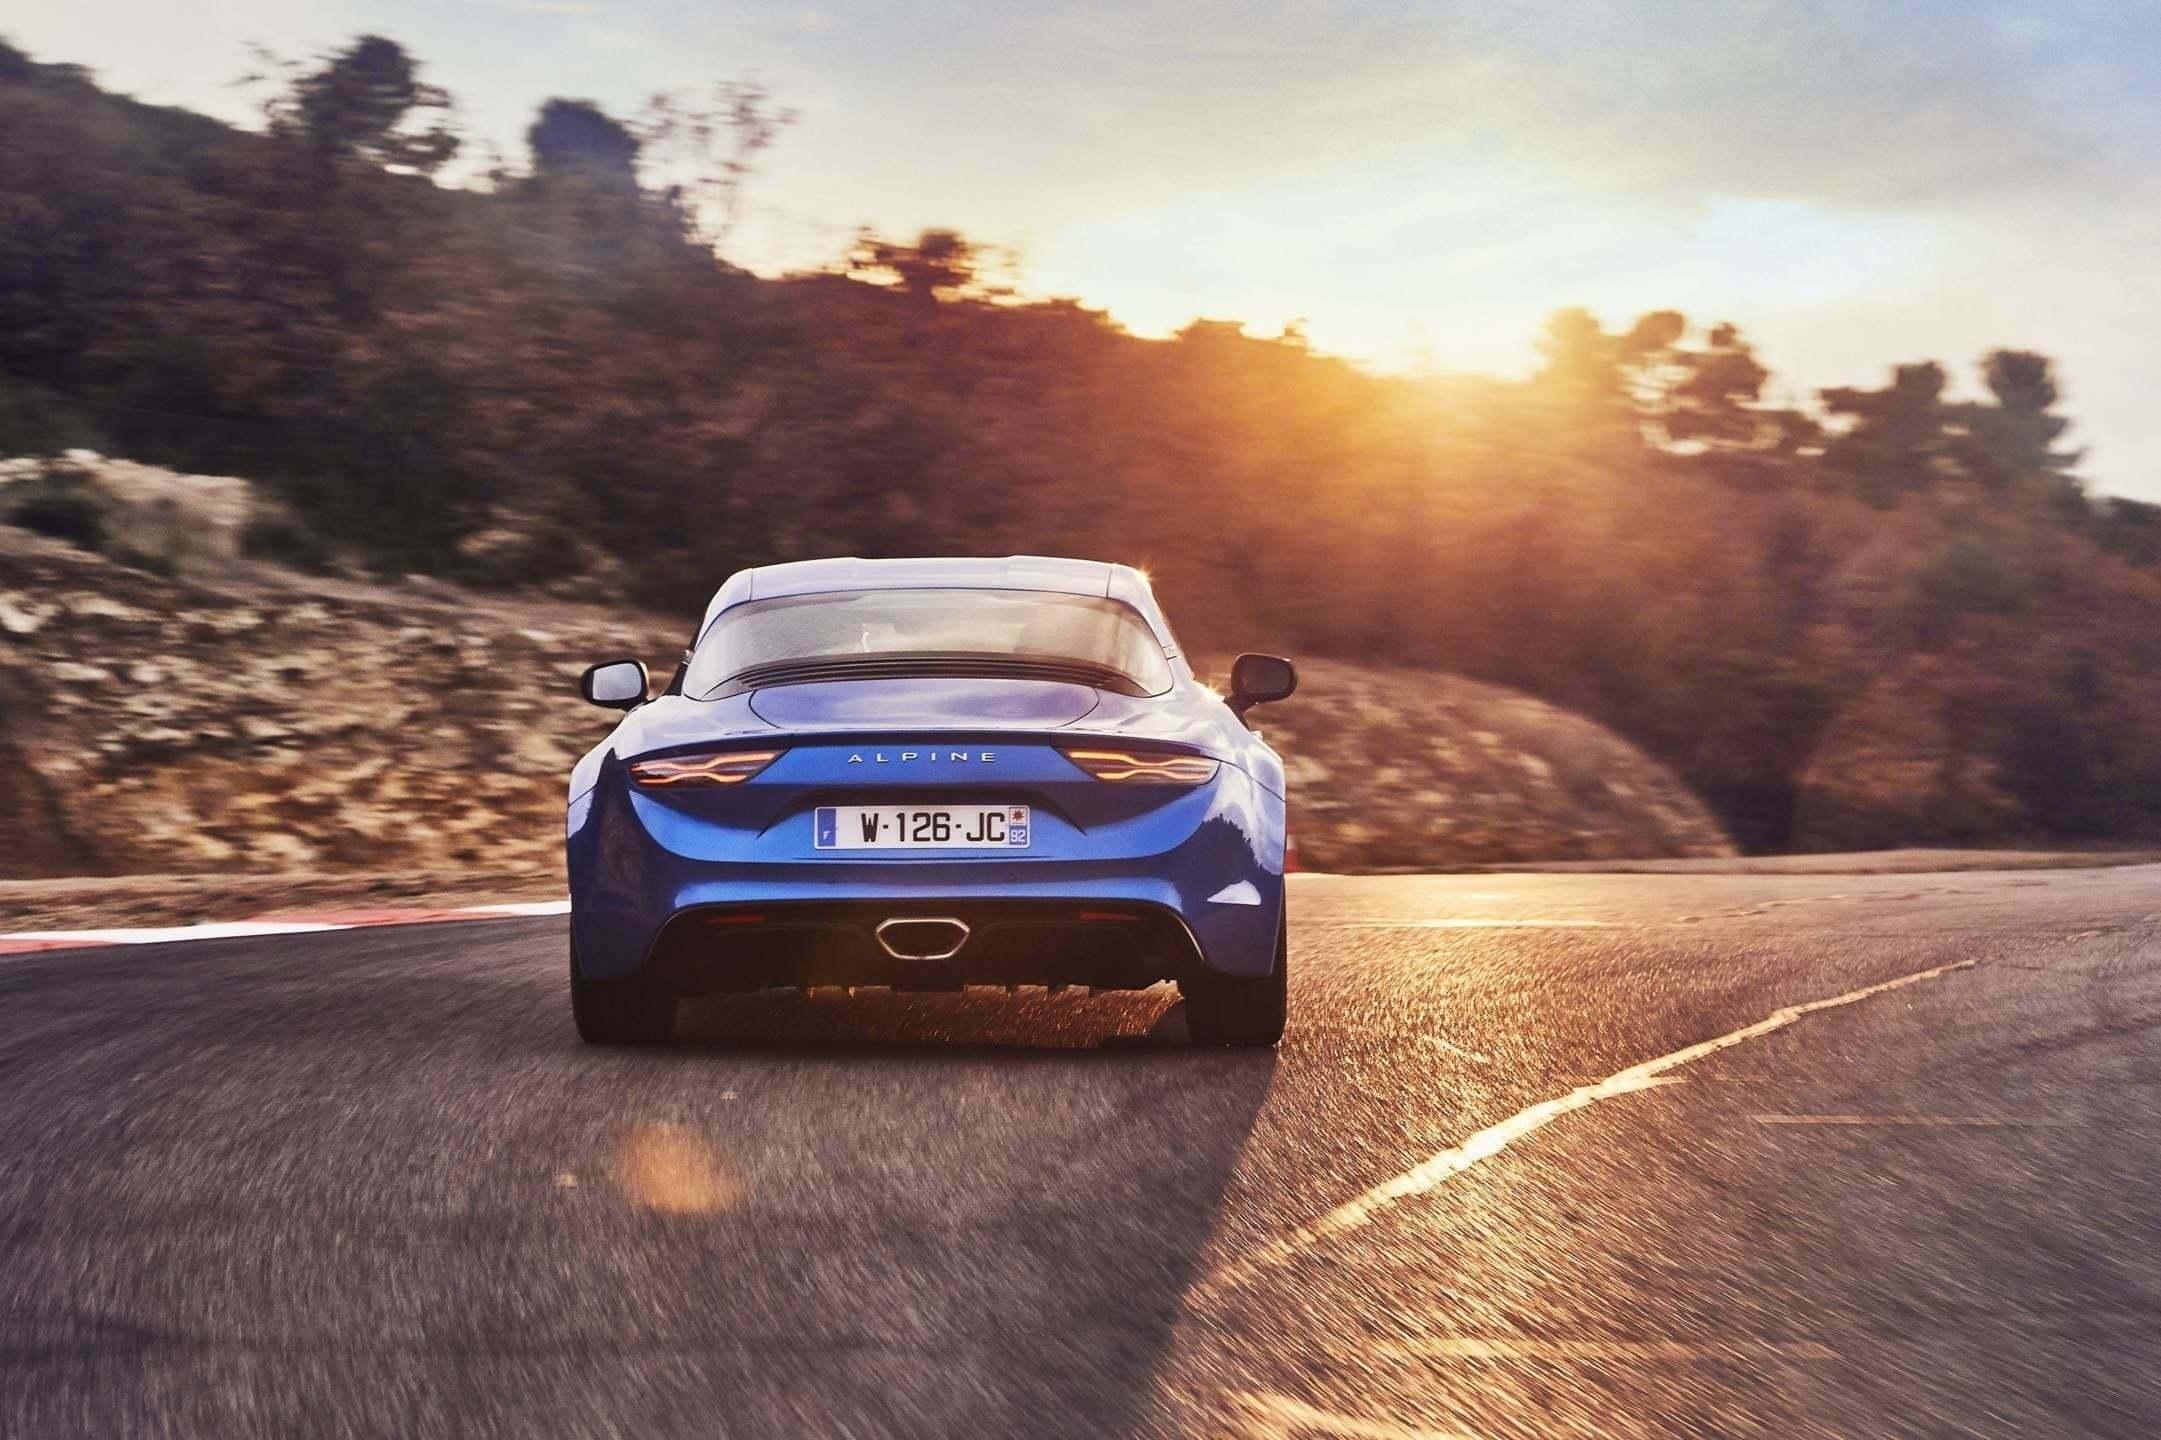 Alpine planet 2017 Alpine A110 test drive 37 - Notre essai de la nouvelle Alpine A110 sur route !